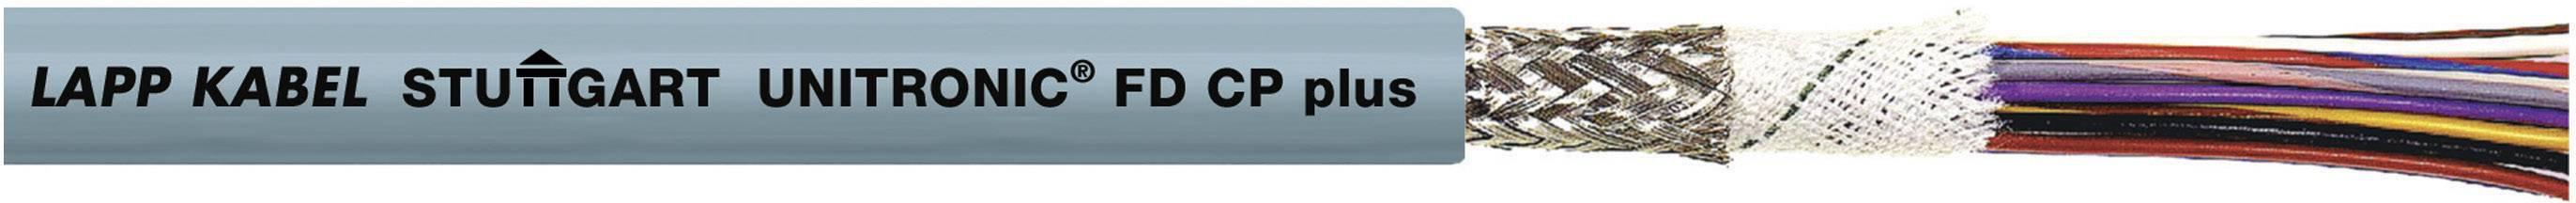 Datový kabel LappKabel UNITRONIC FD CP PLUS 2X0,14 (0028880), 2x 0,14 mm², Ø 4,3 mm, stíněný, 100 m, šedá